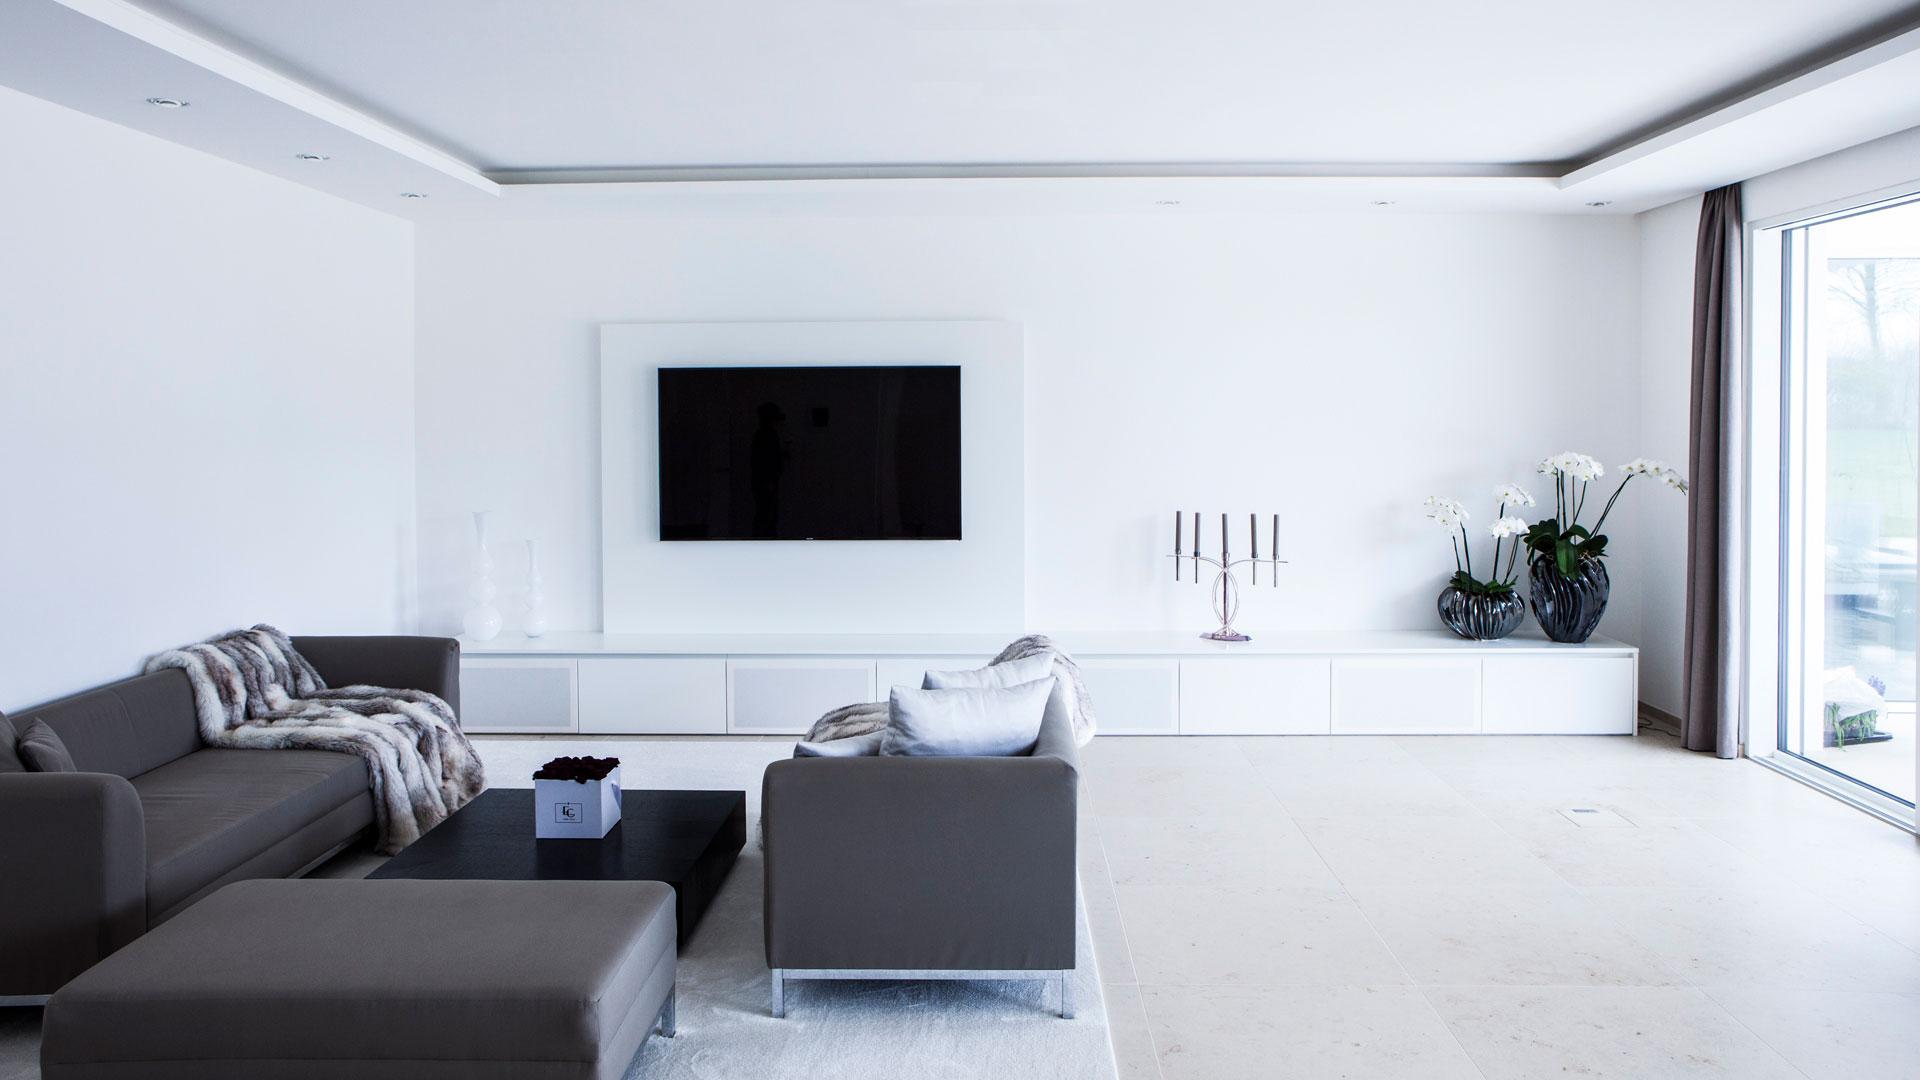 Wohnzimmer in weiß mit großem TV-Schrank und integriertem Soundsystem